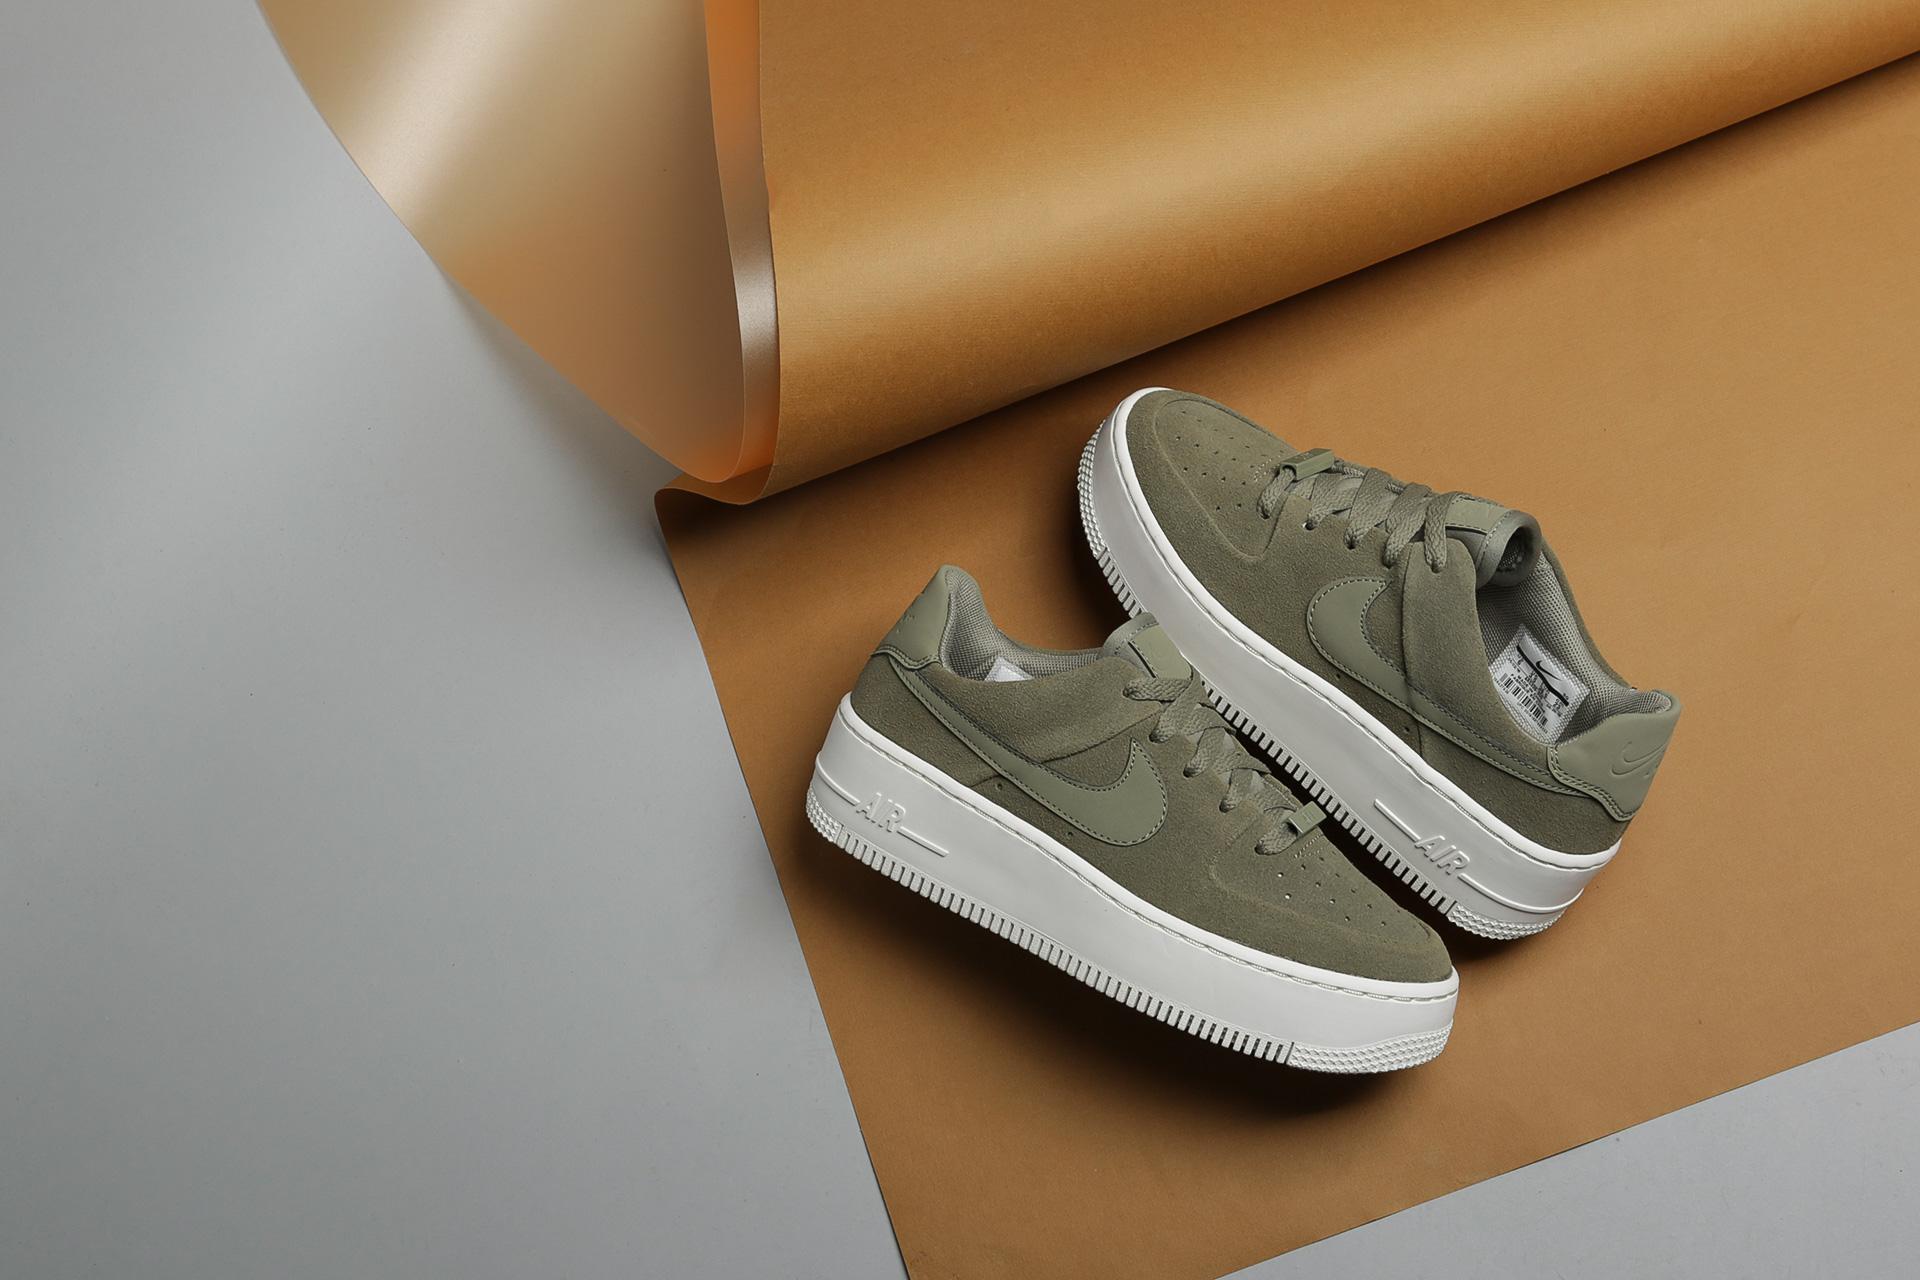 dc37bae1 Купить зеленые женские кроссовки Air Force 1 Sage Low от Nike ...